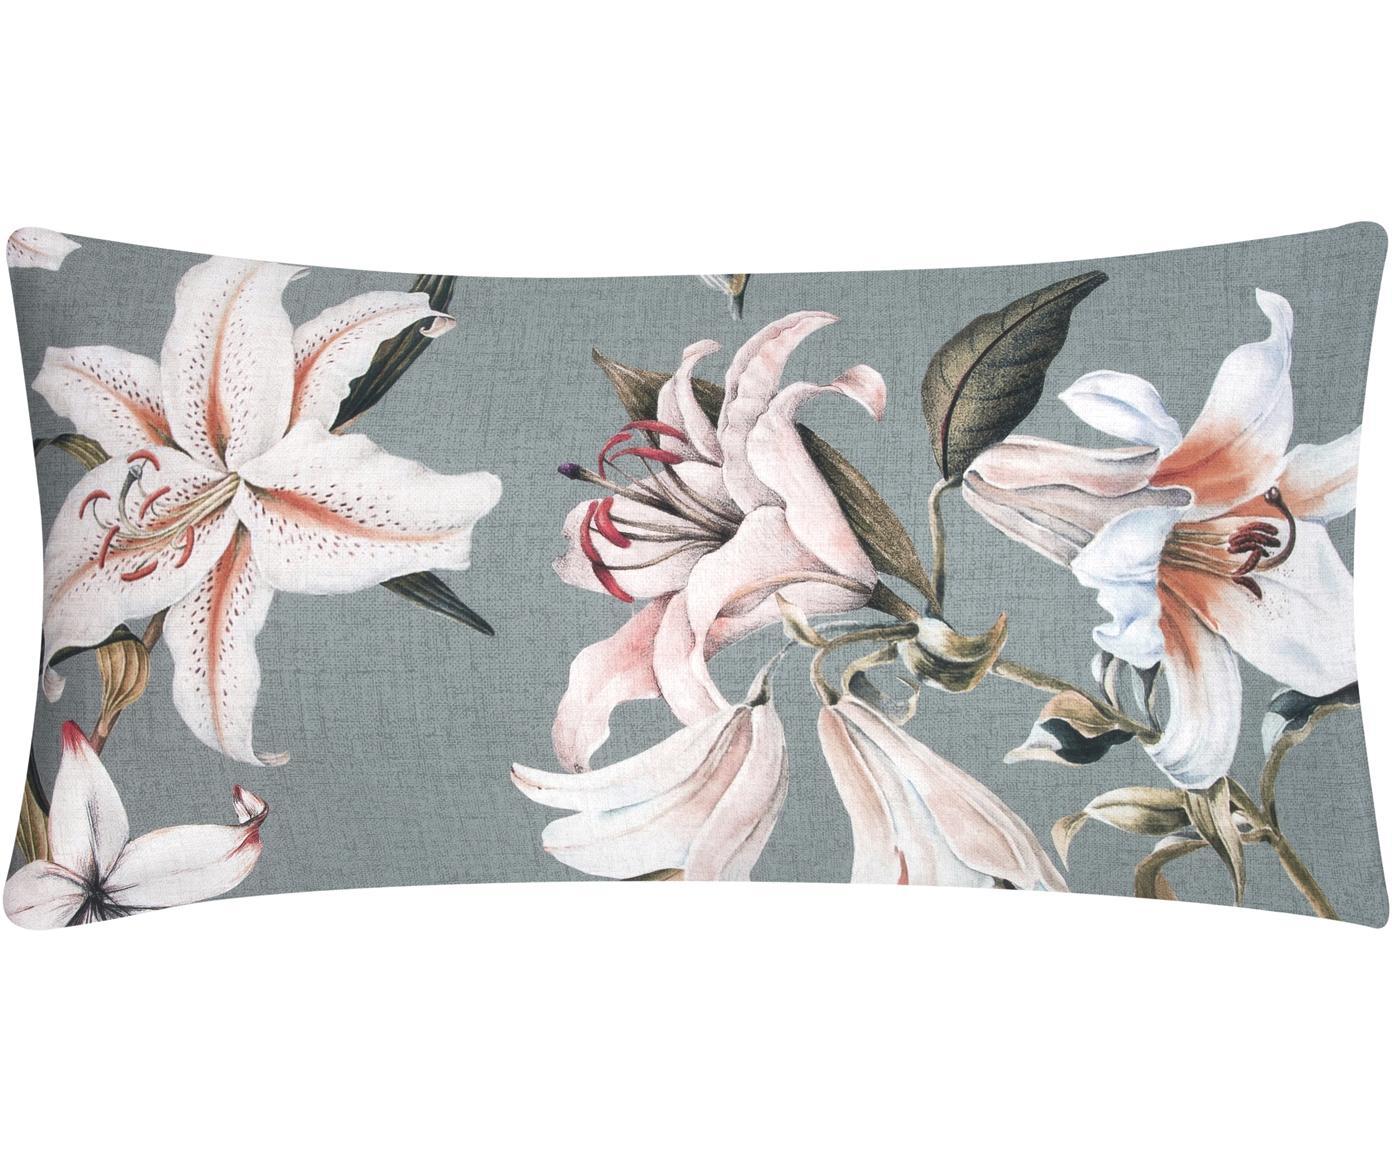 Baumwollsatin-Kissenbezüge Flori mit Blumen-Print, 2 Stück, Webart: Satin Fadendichte 210 TC,, Vorderseite: Blau, Cremeweiß Rückseite: Blau, 40 x 80 cm